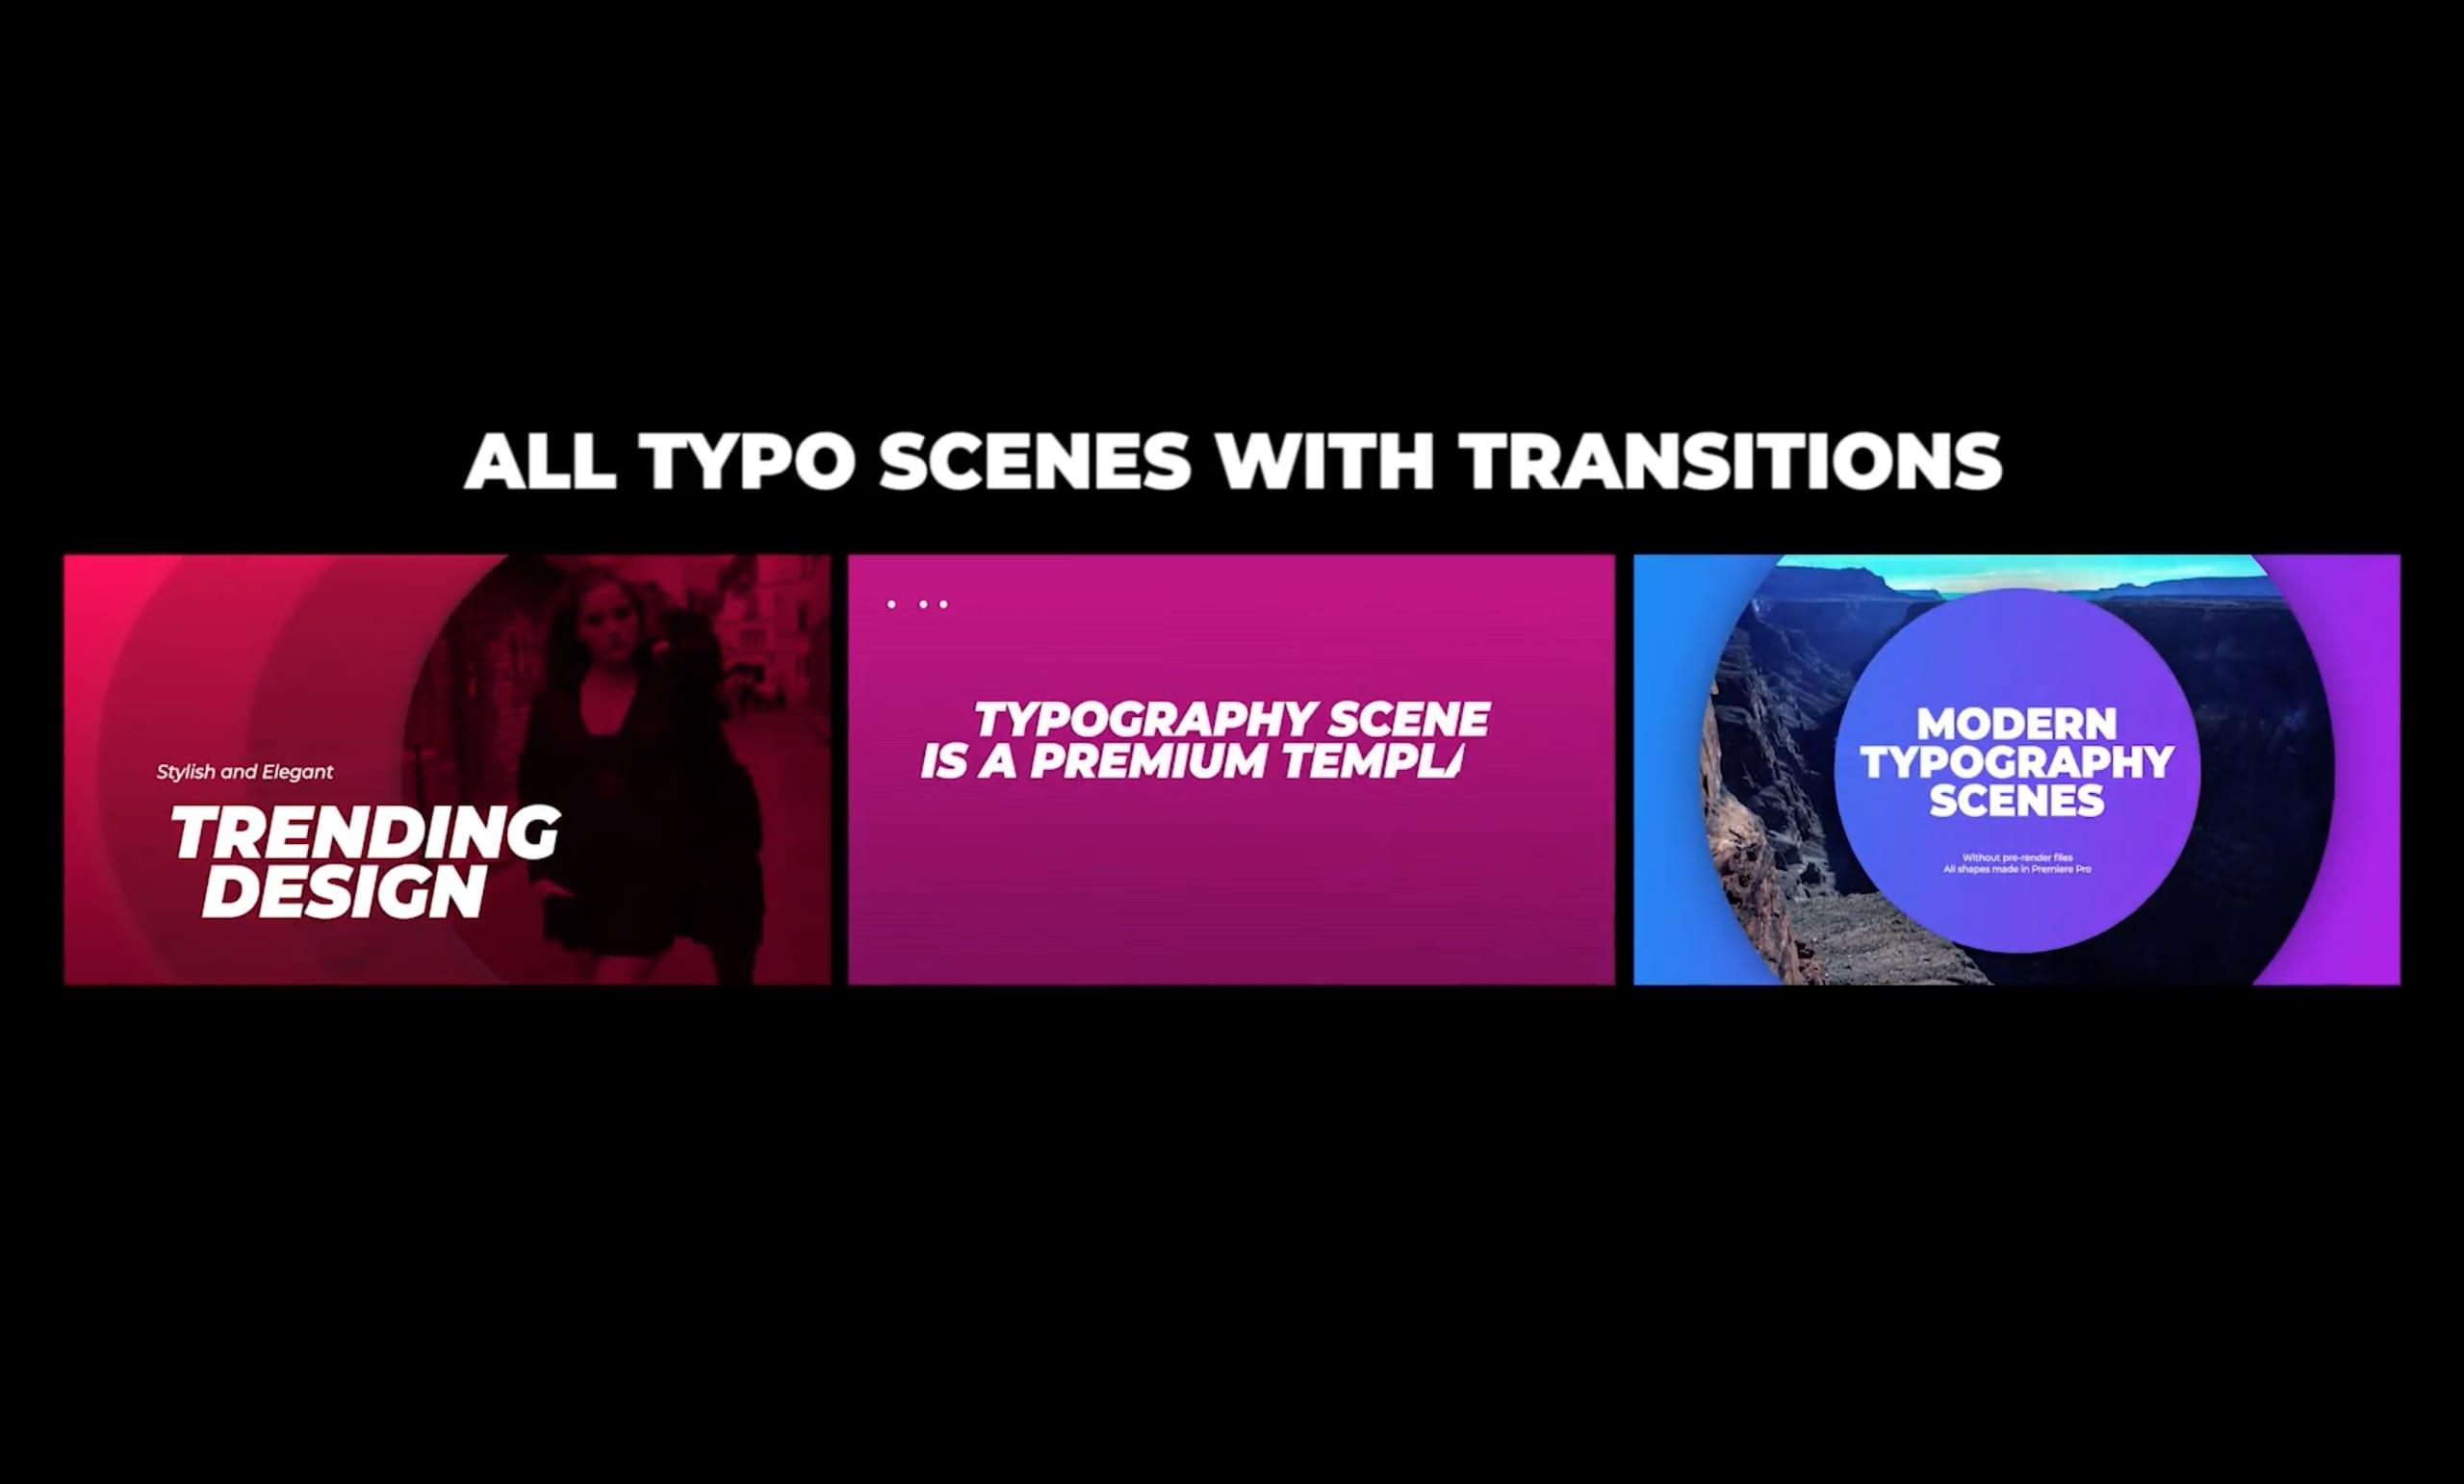 premiere pro text templates